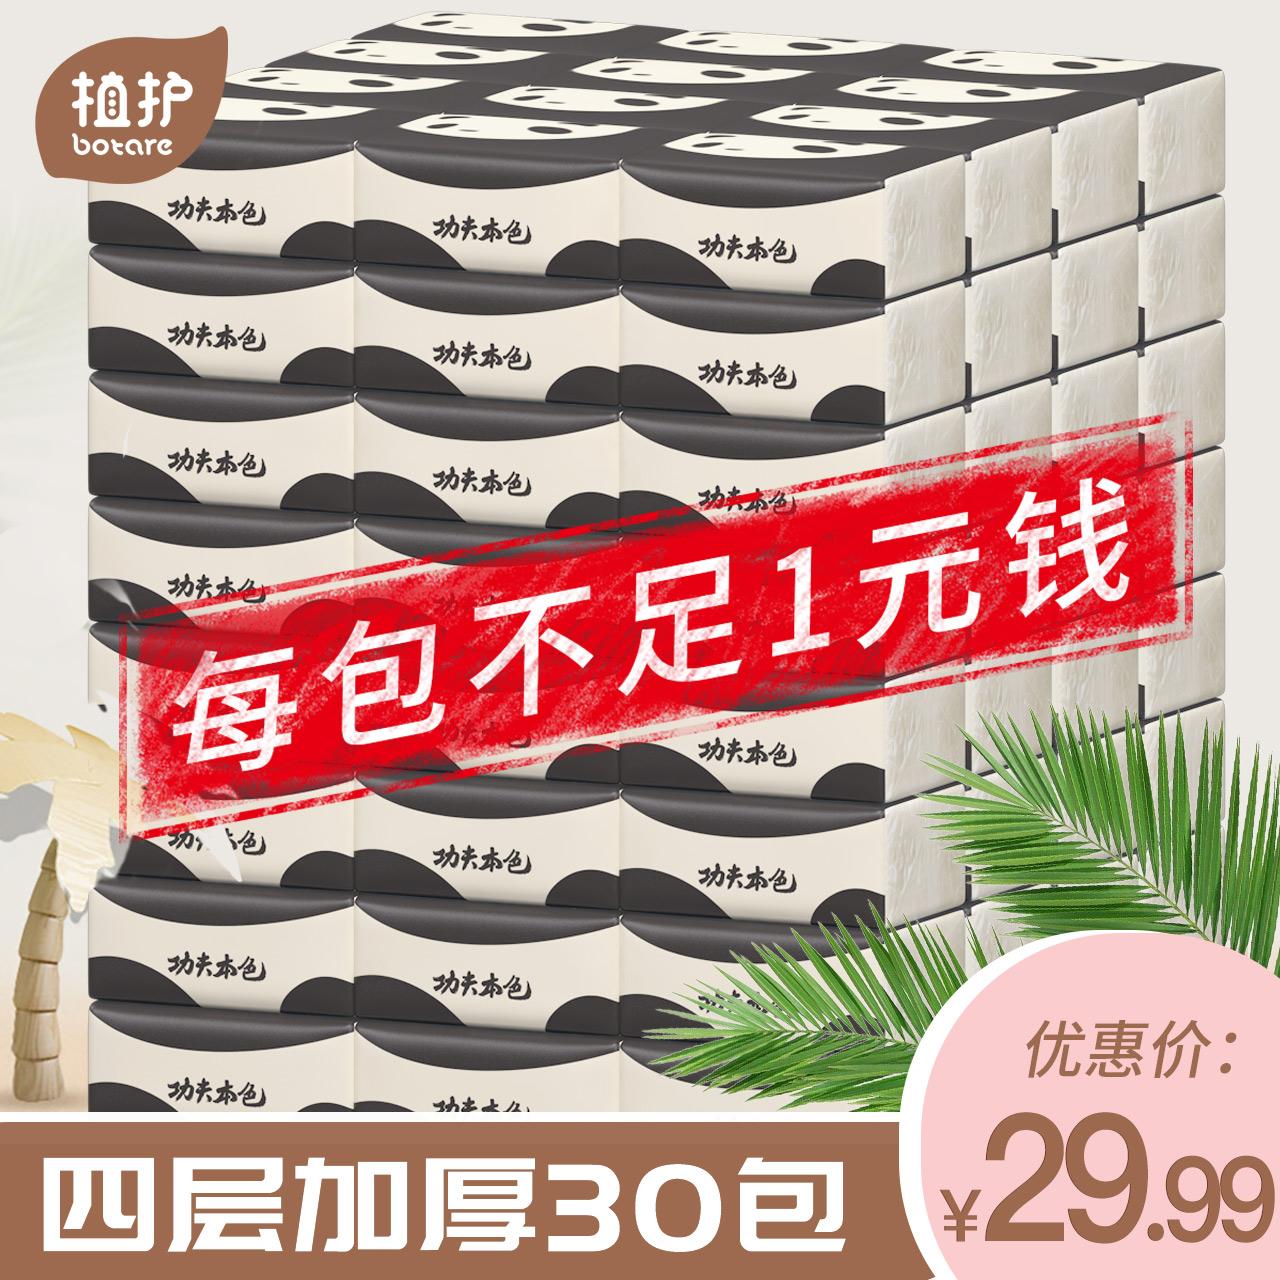 30包4层植护竹浆本色抽纸家庭装批发整箱餐巾纸家用卫生纸纸巾